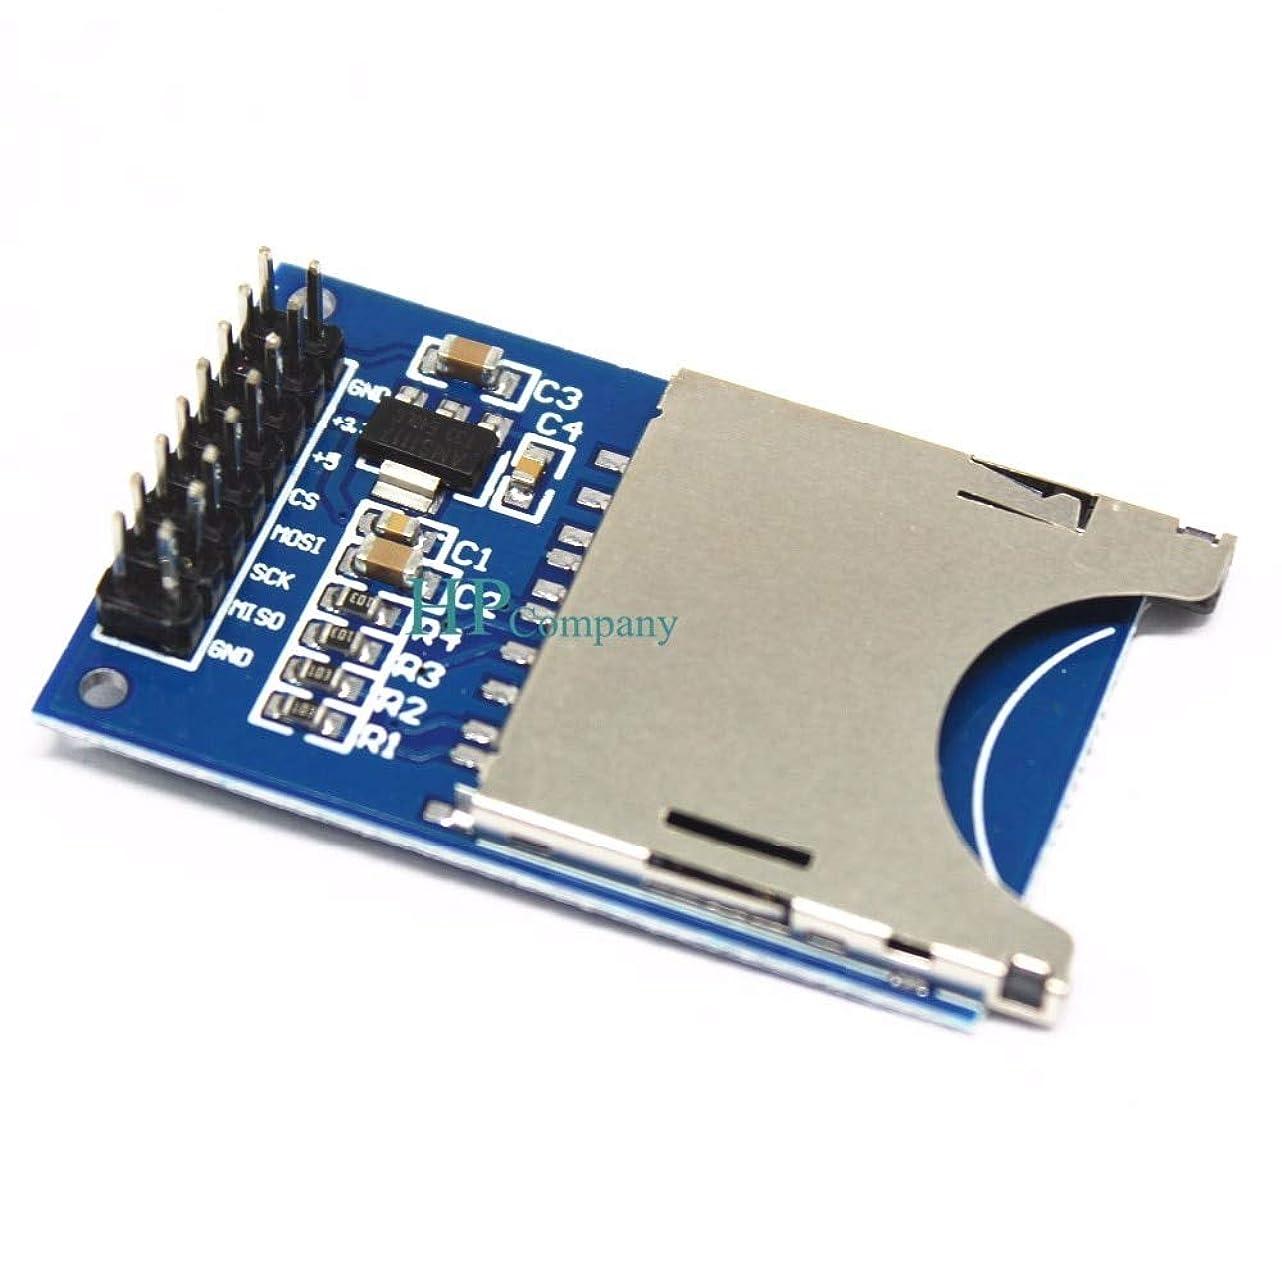 流出髄操作可能WillBest 1PCS Reading and Writing Module SD Card Module Slot Socket Reader ARM MCU for arduino SPI interface Single Chip microcomputer